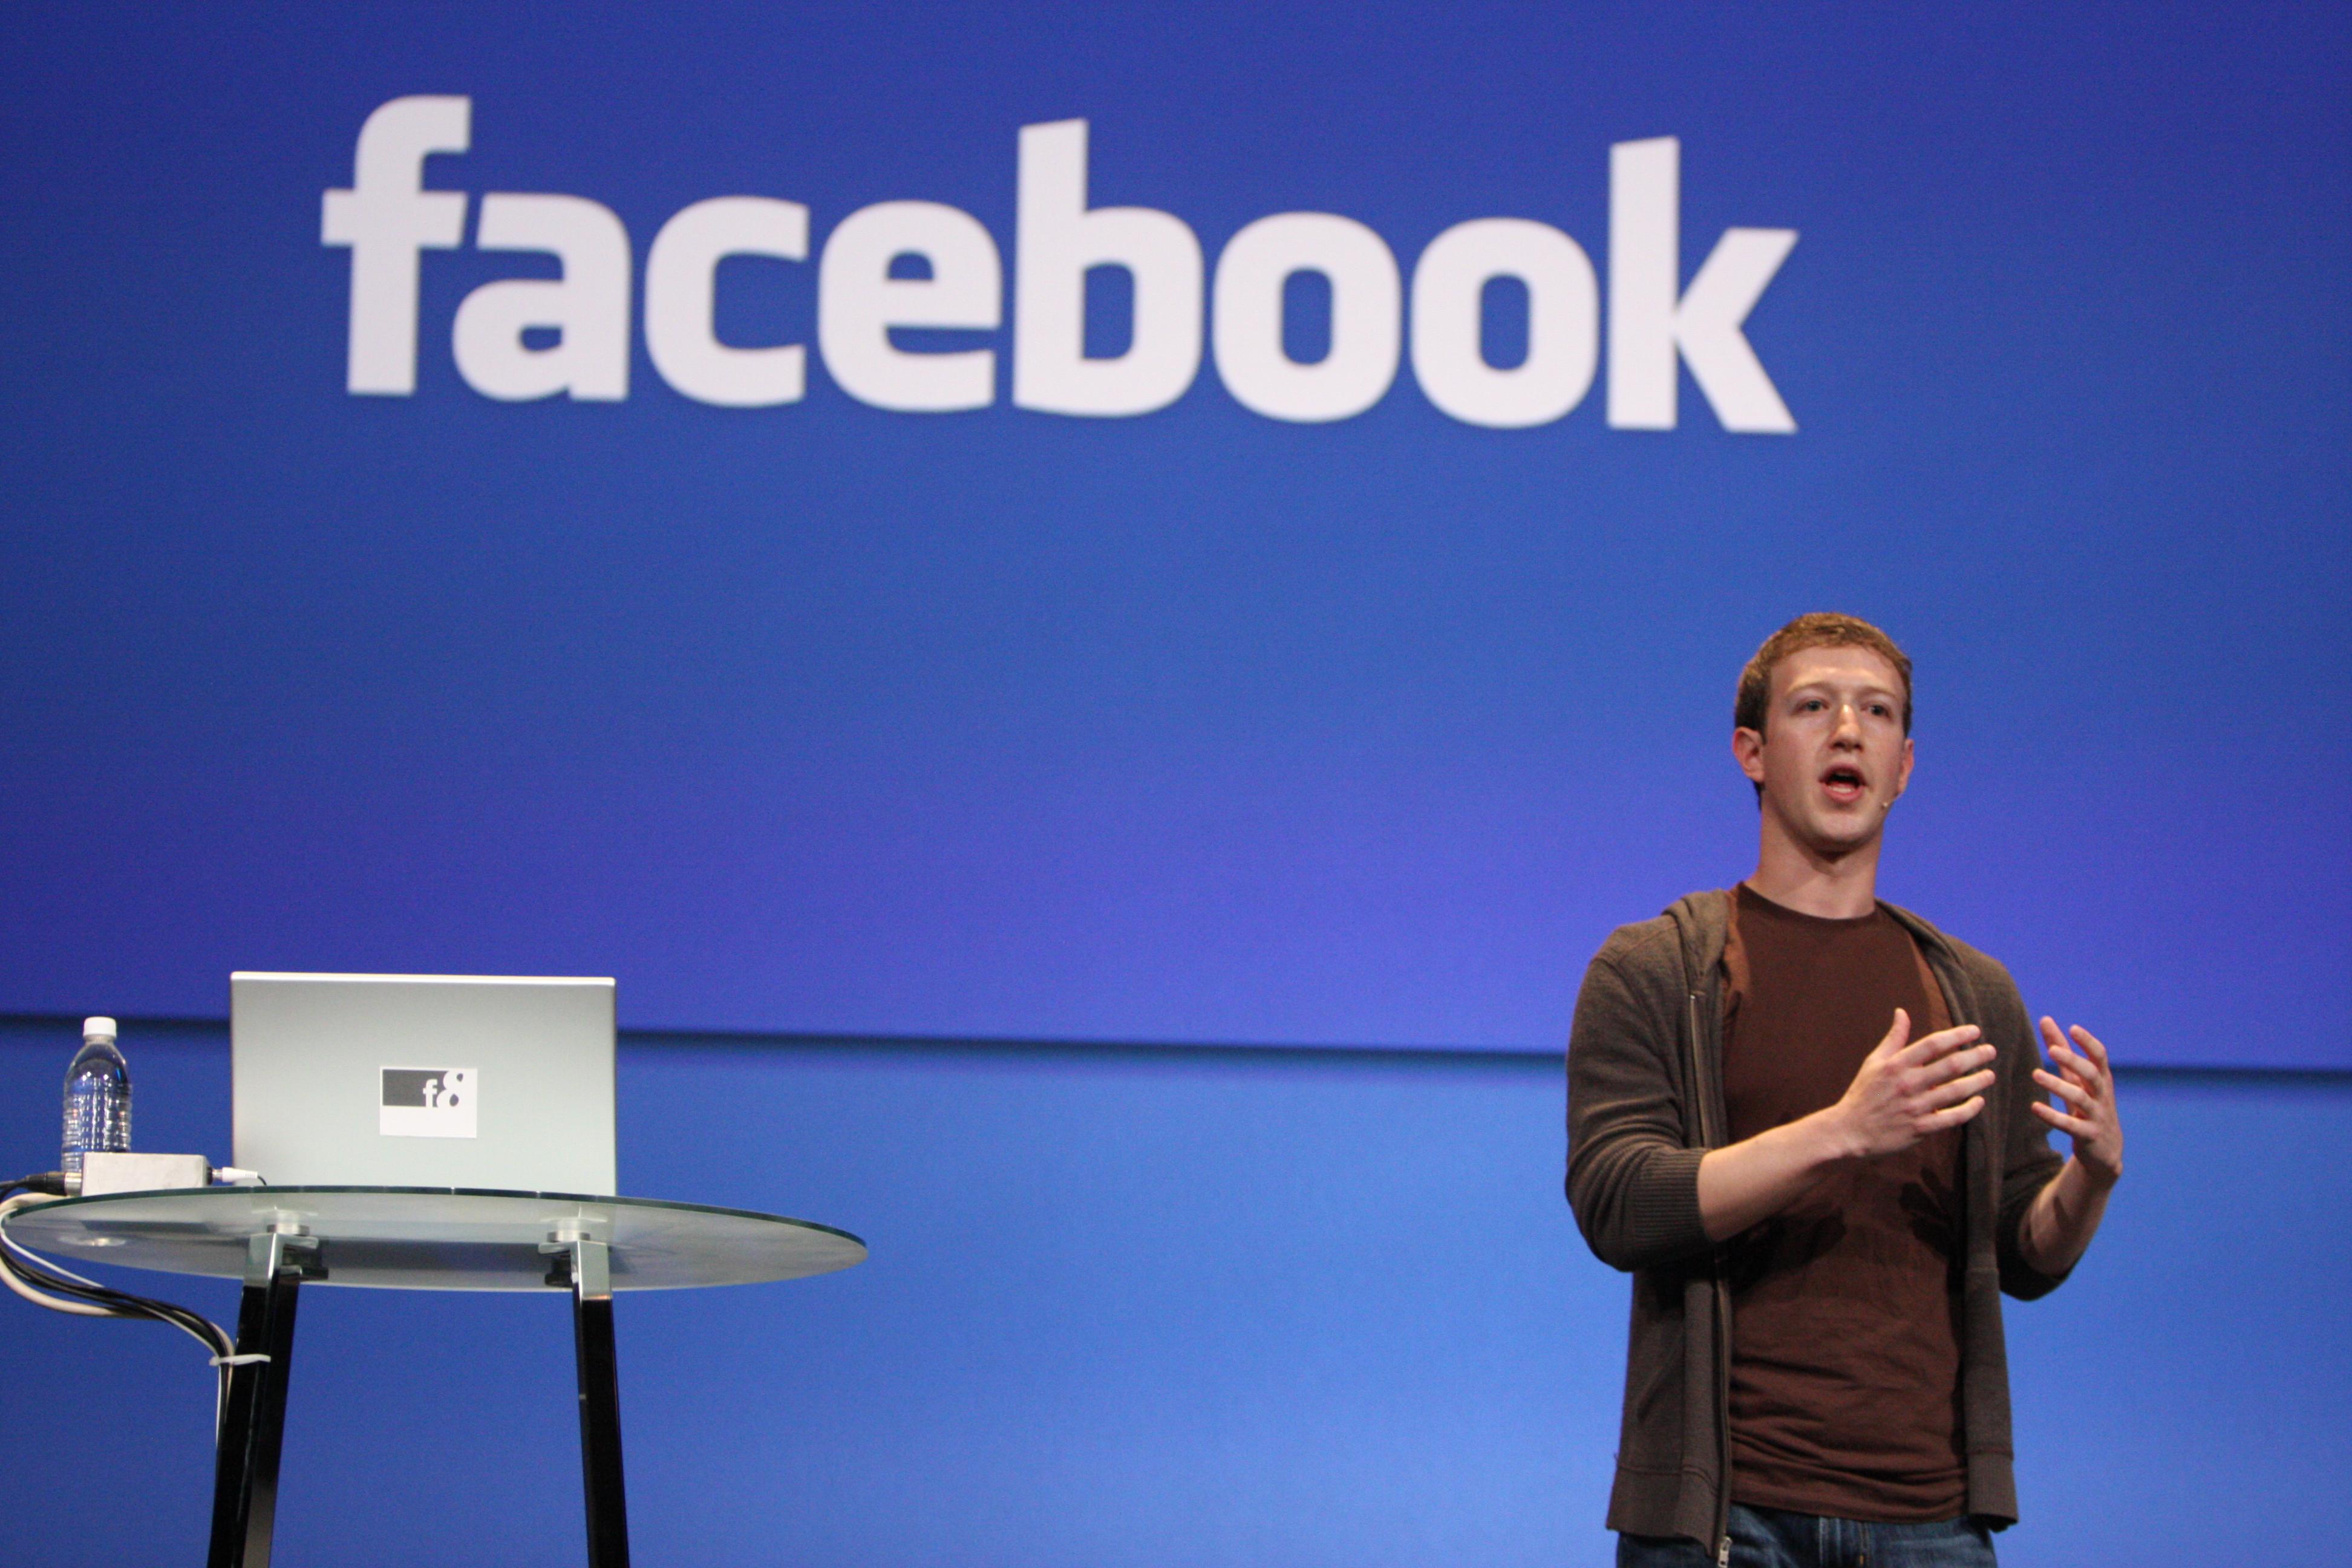 #Nohatespeech. Zuckerberg: su Facebook non c'è spazio per i discorsi d'odio